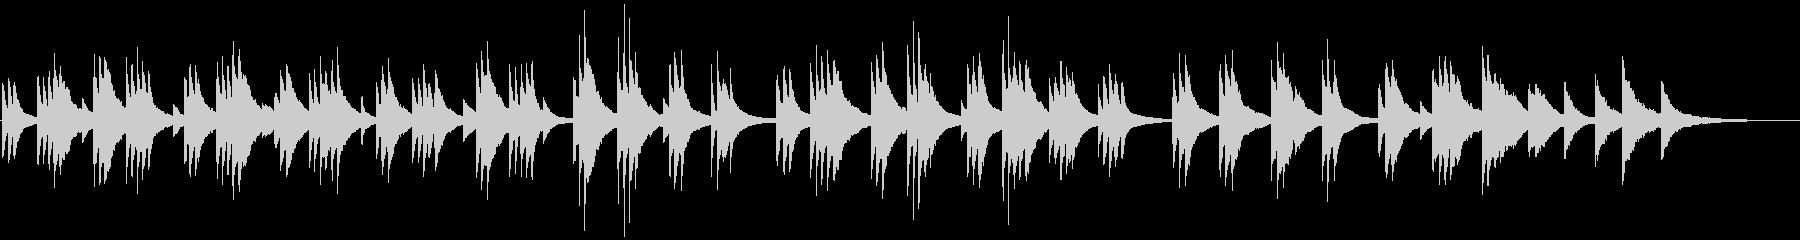 囁くようなタッチで弾くピアノバラードの未再生の波形